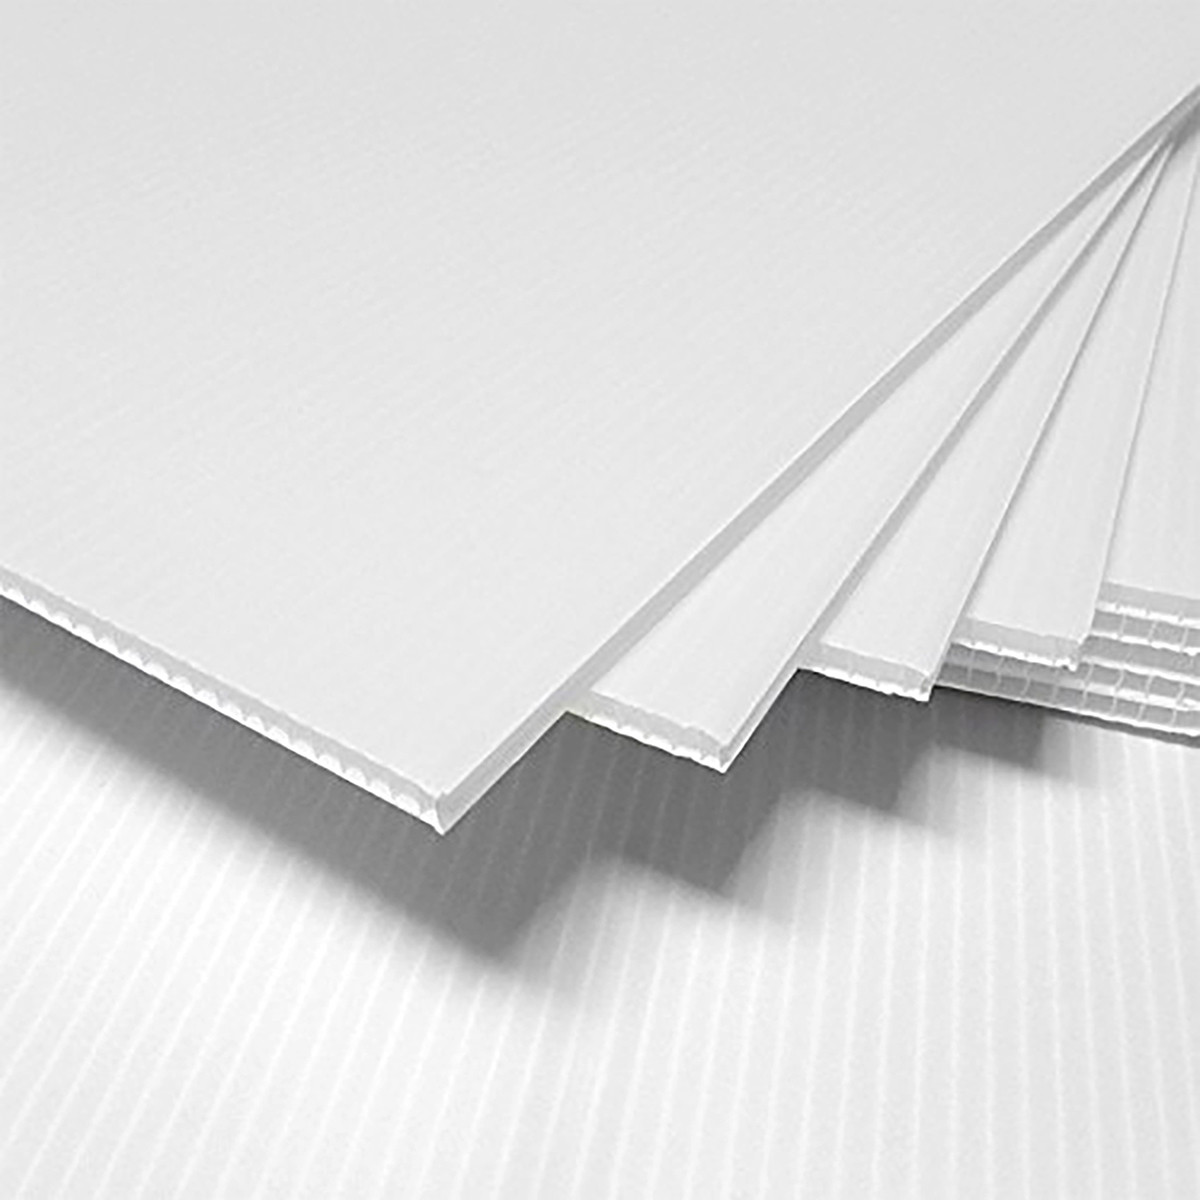 PP saćasta ploča bela 5 mm / 900 gr - 1220x2440mm